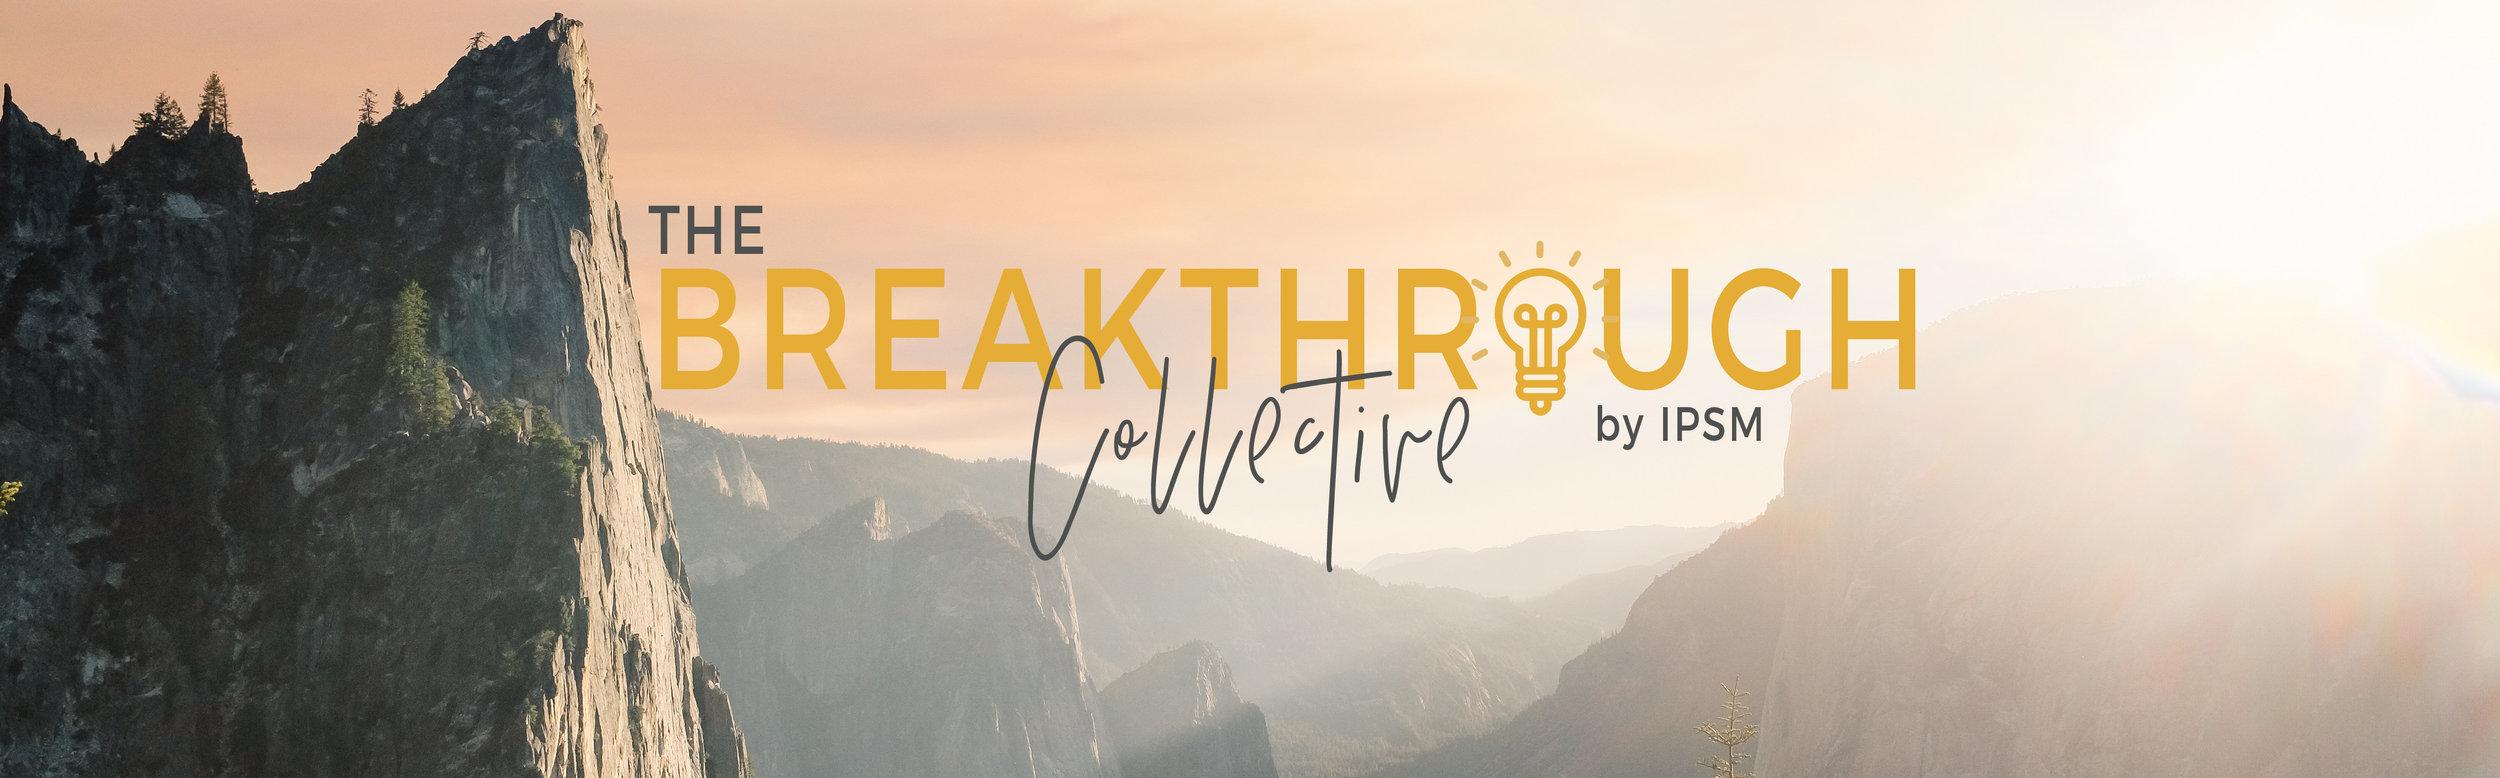 breakthroughbanner1.jpg